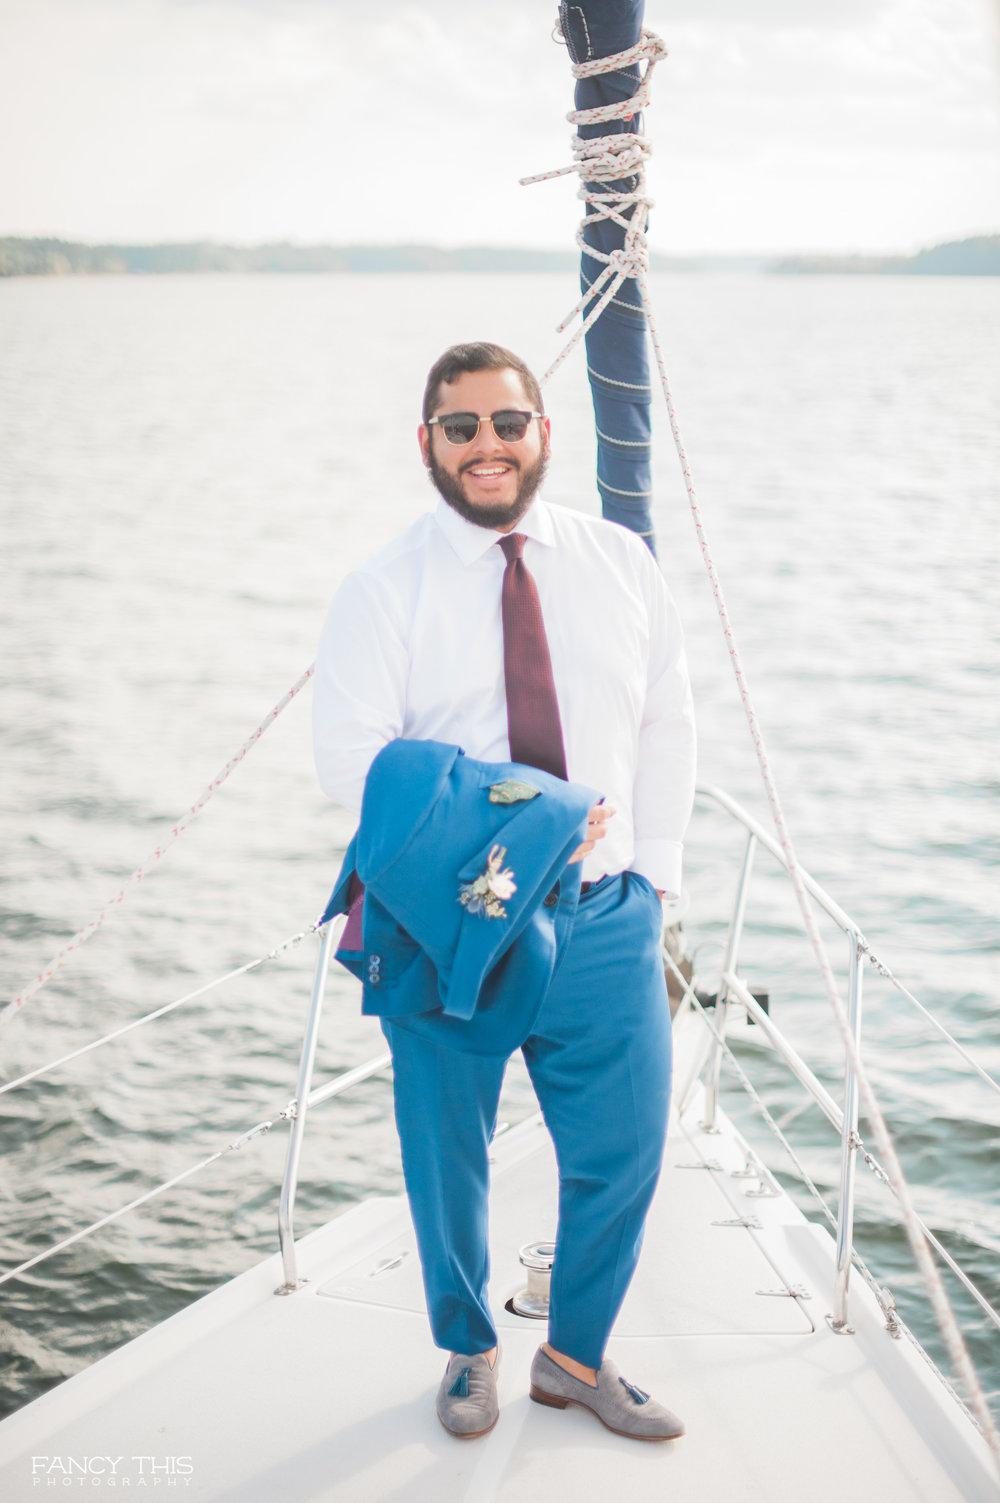 09142017_sailboat_socialmediaready-9.jpg